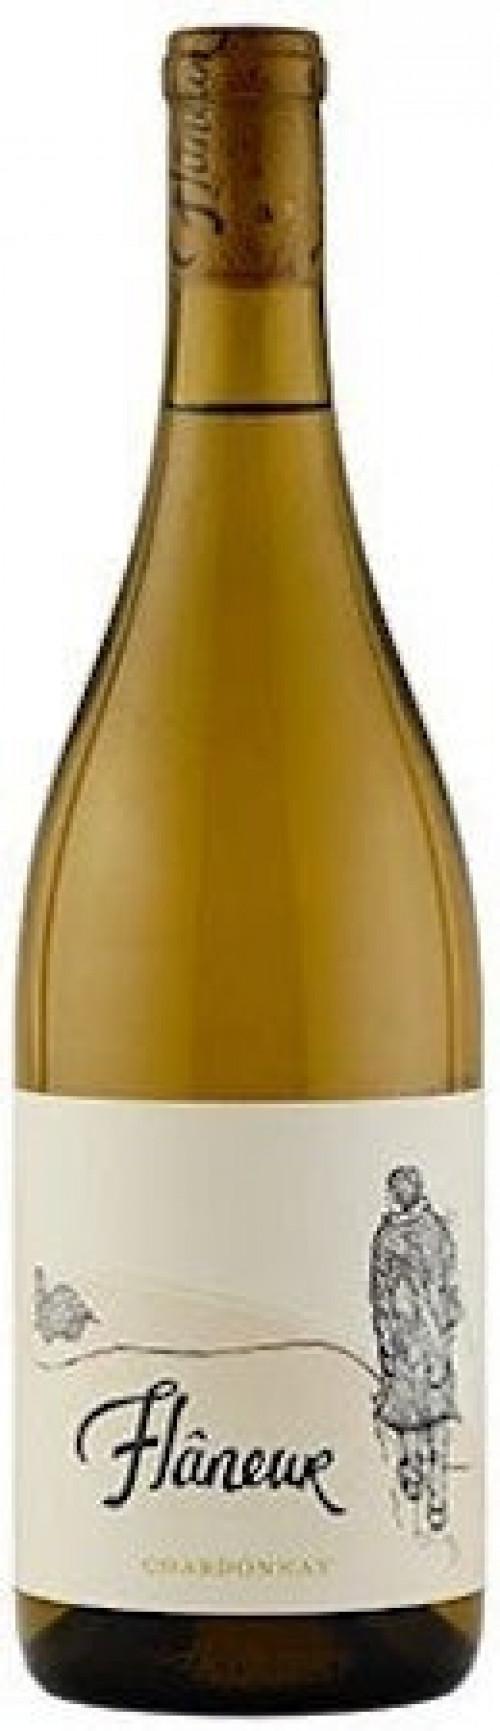 2018 Flaneur Chardonnay Willamette Valley 750ml